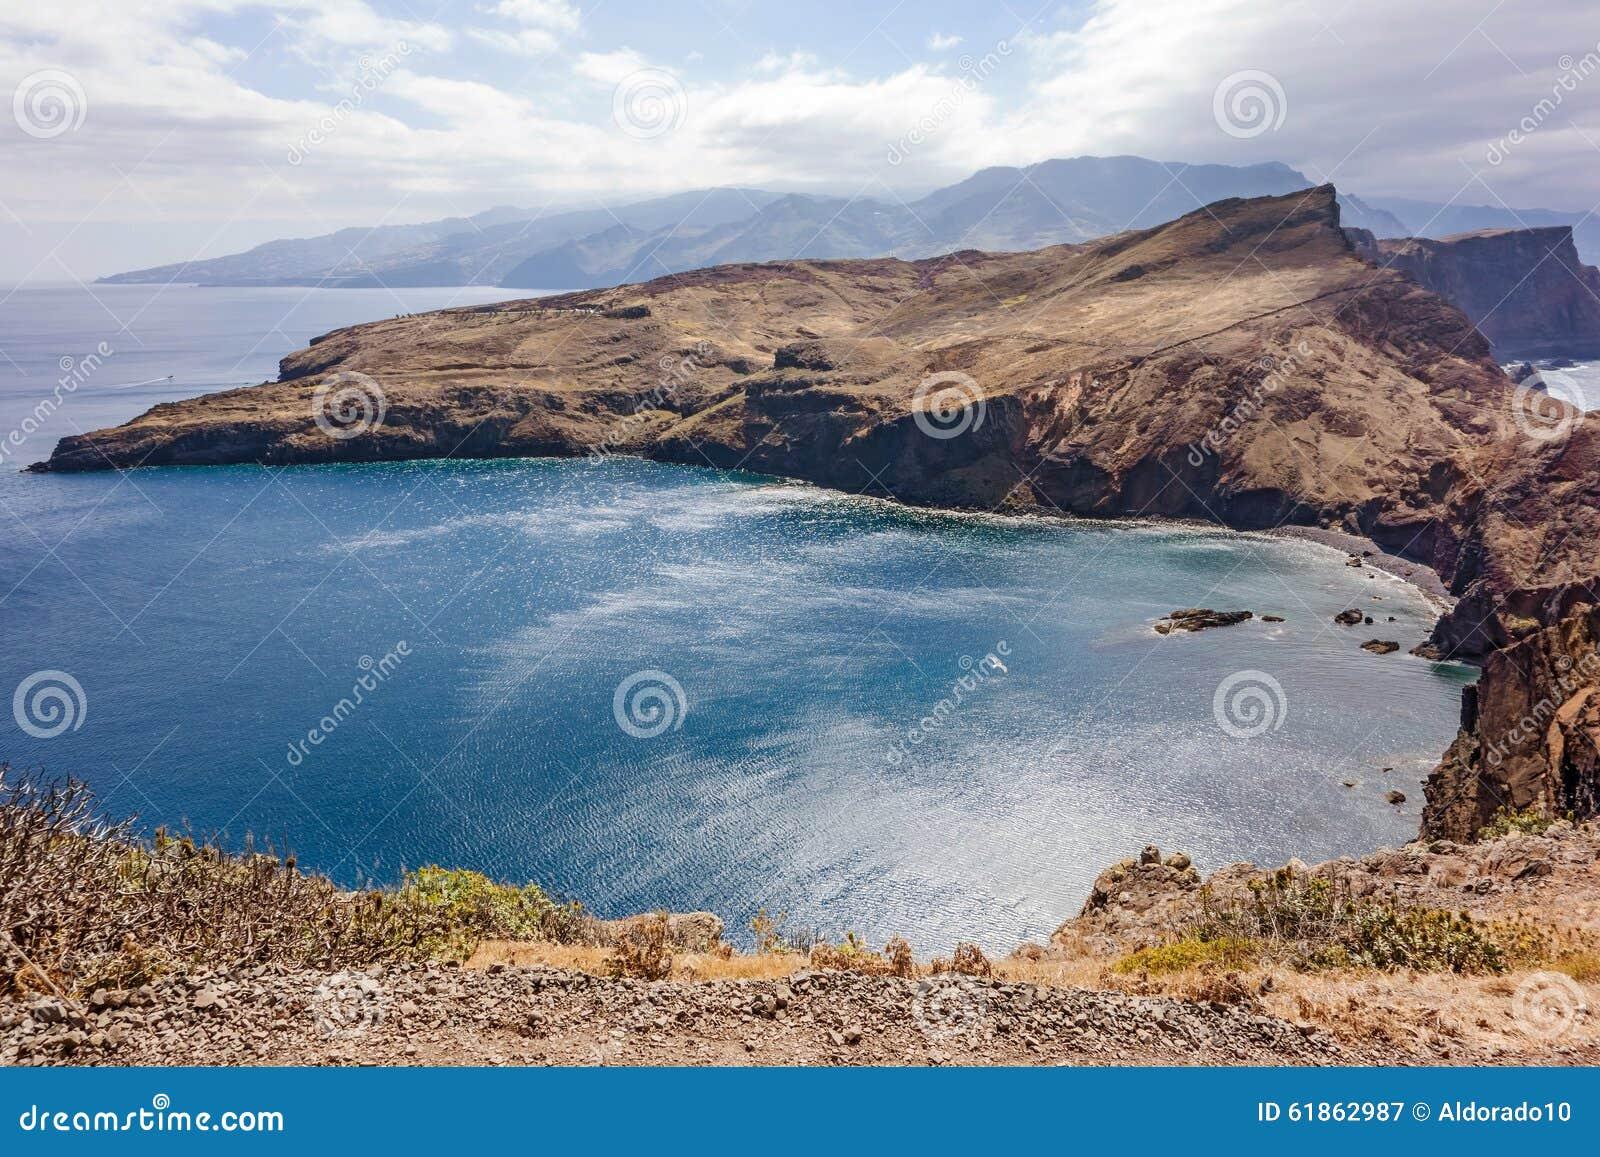 Ponta de sao lourenco madeira stock photo image 61862987 for Landscaping rocks east bay